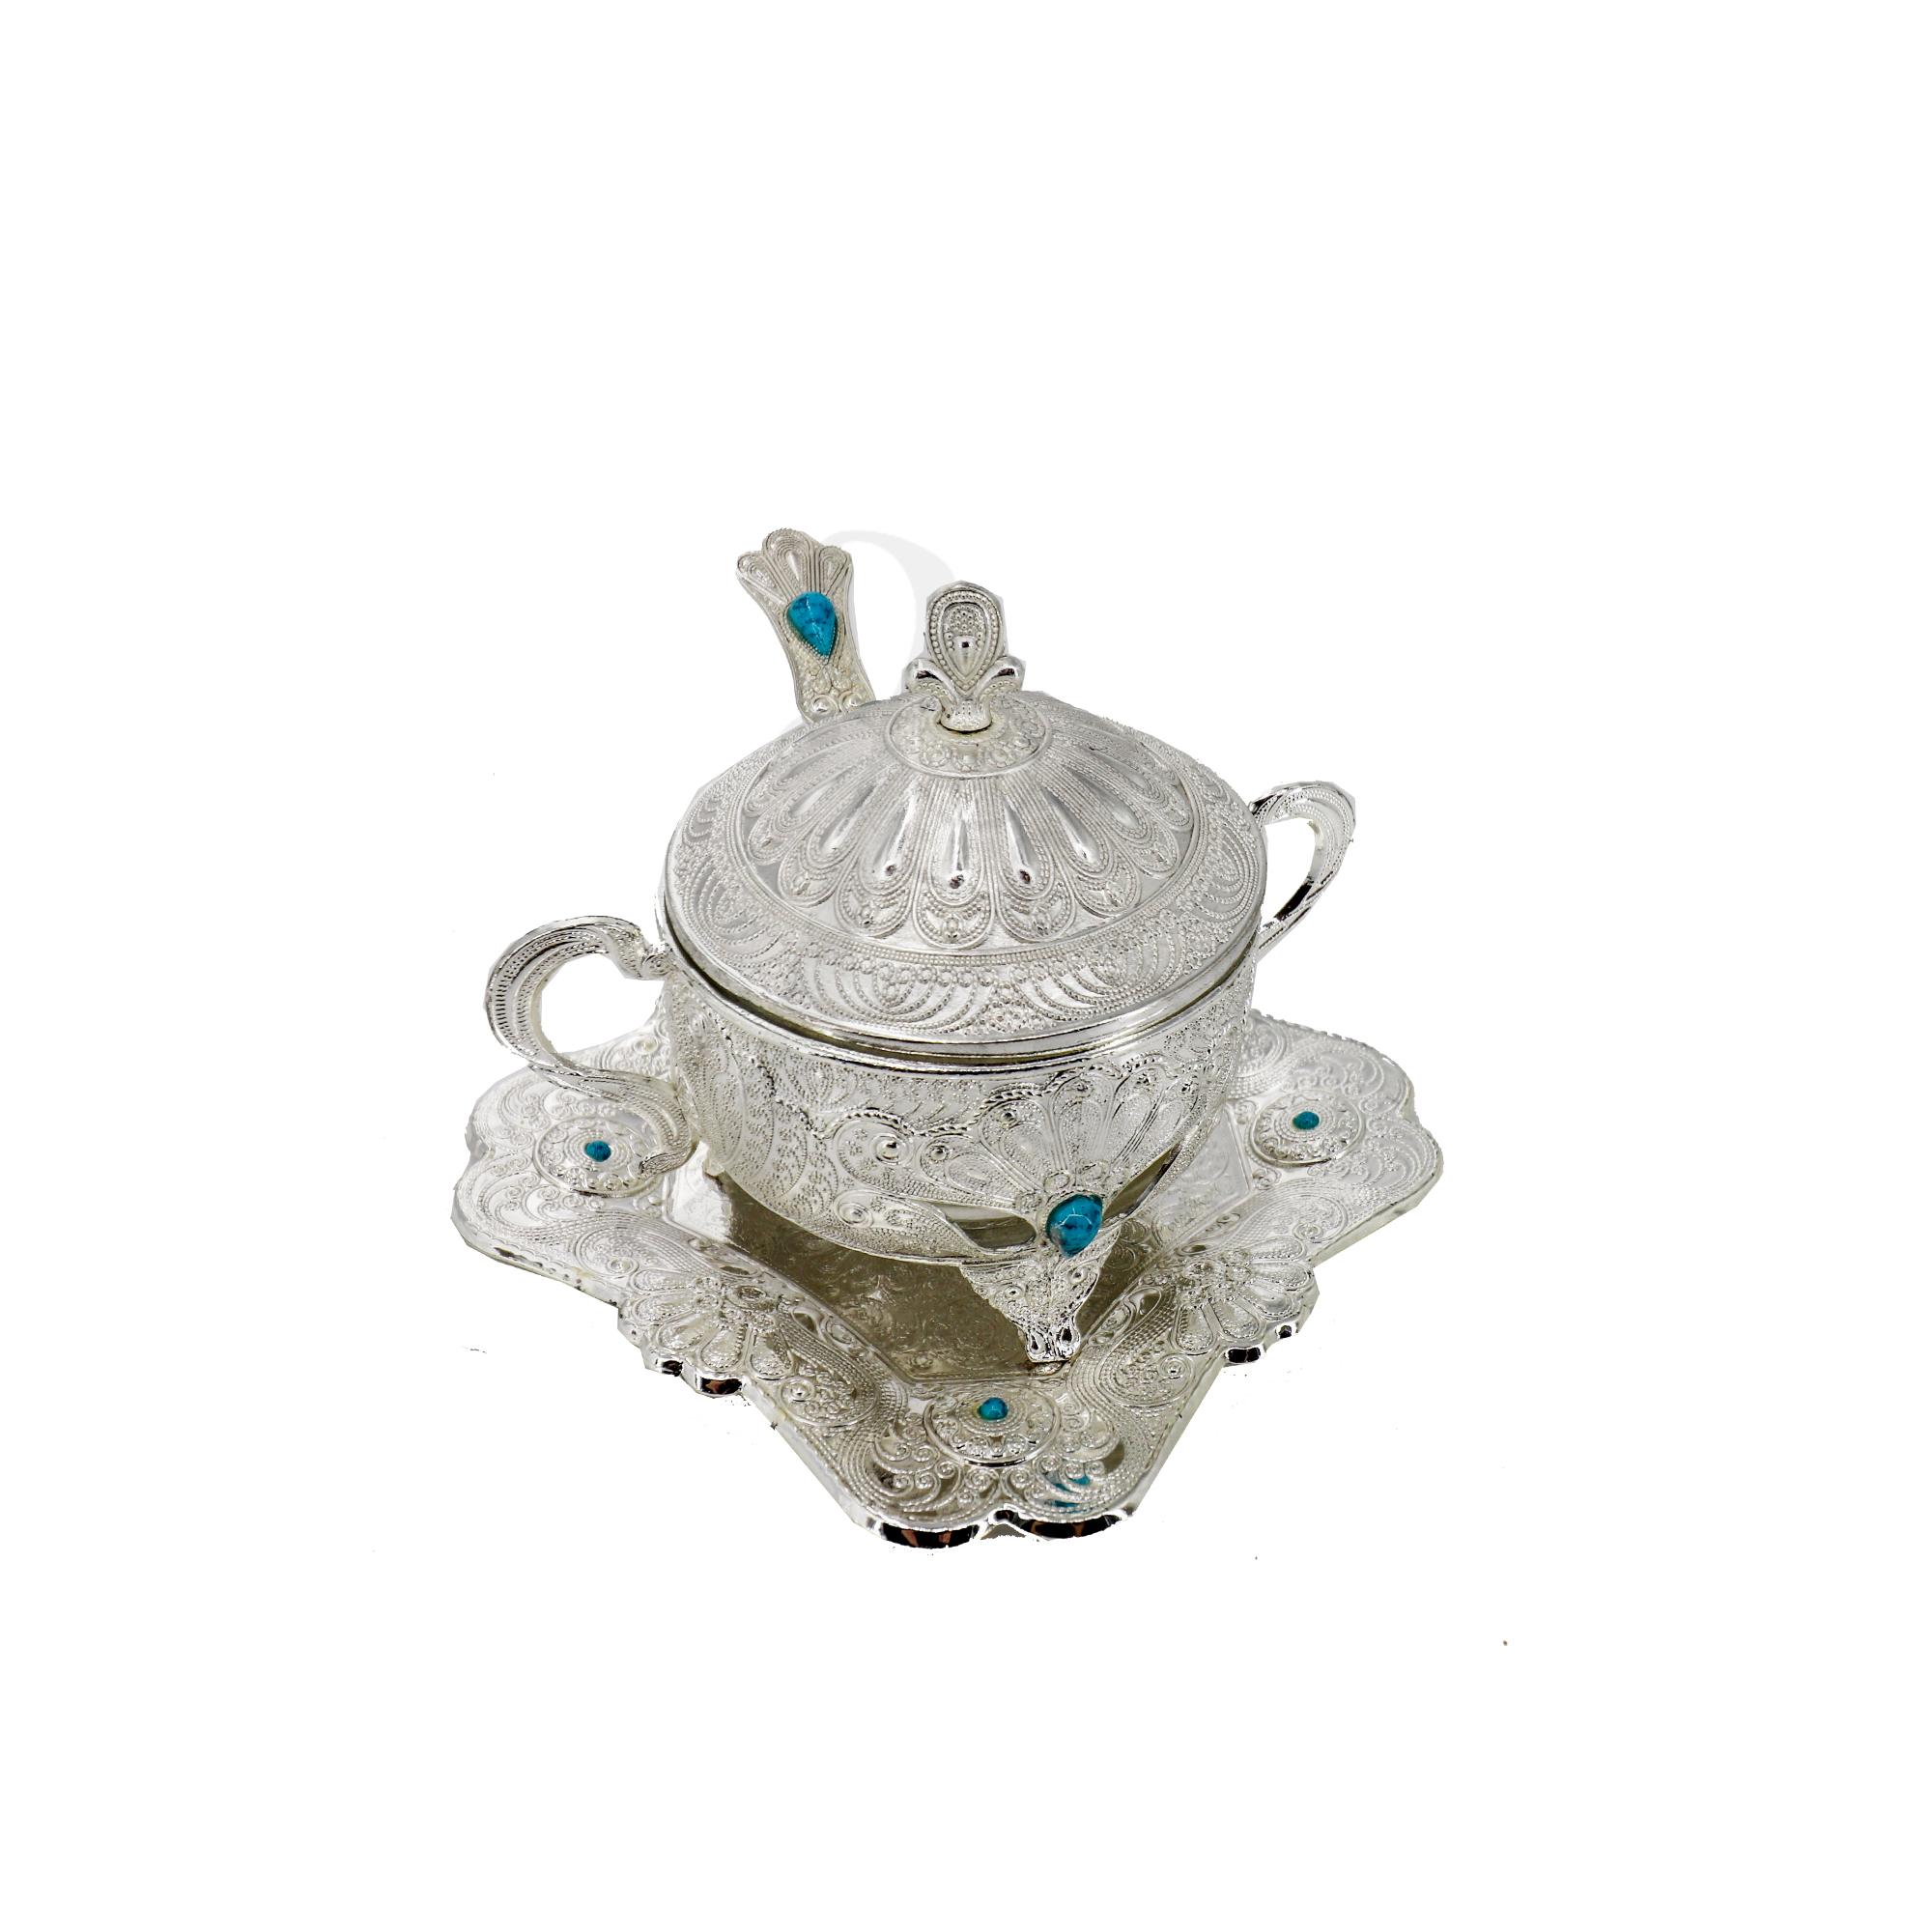 Buy Moroccan Sugar bowl with spoon - Silver